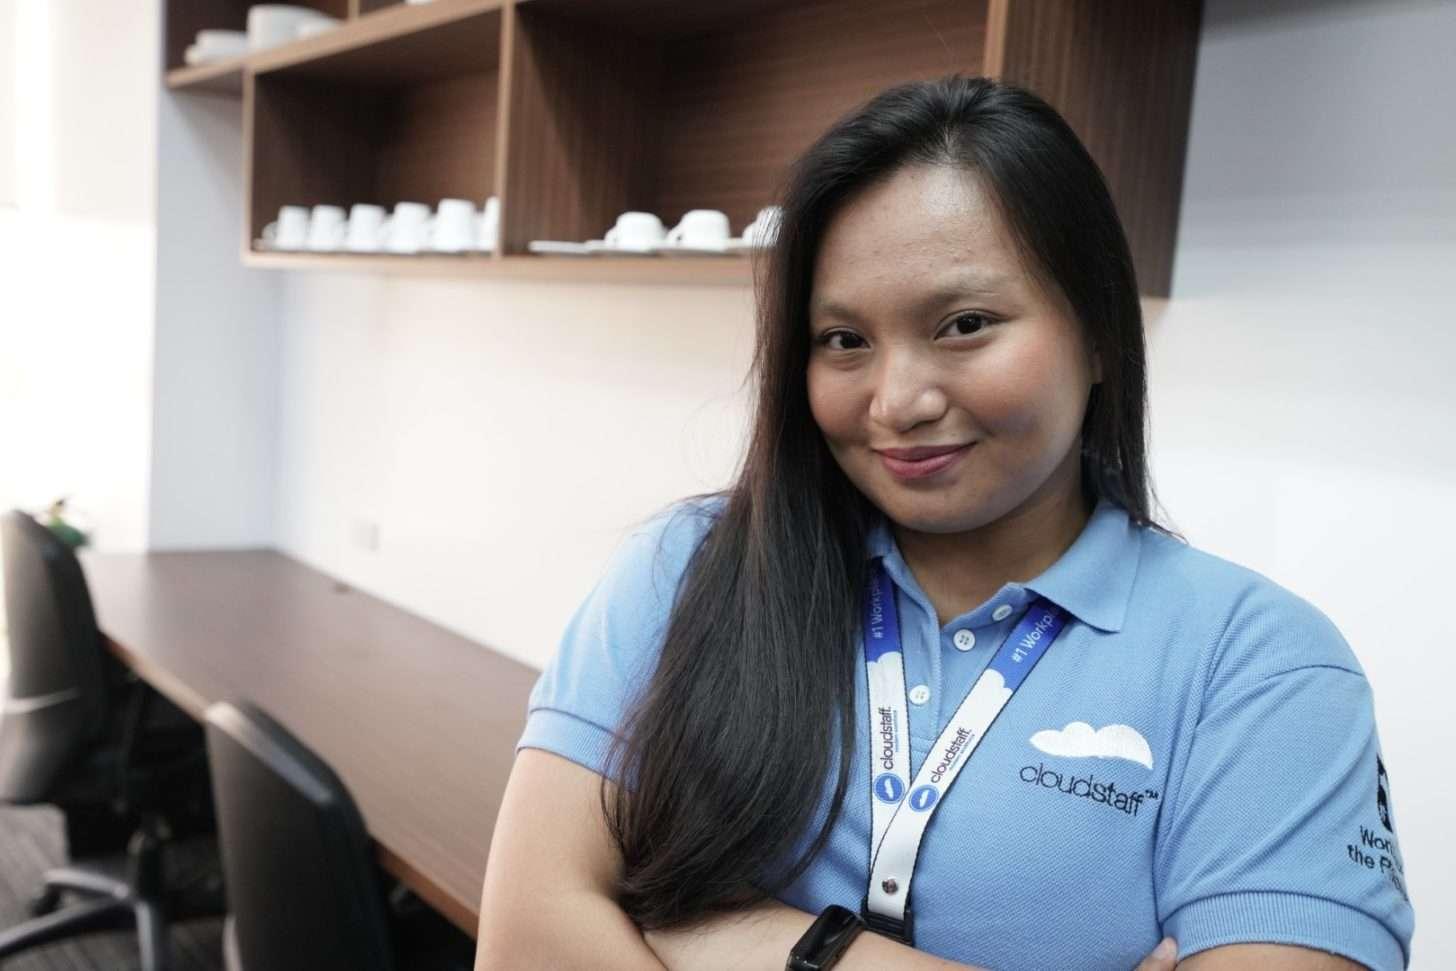 Chrisnel Tiglao Cloudstaff women in STEM